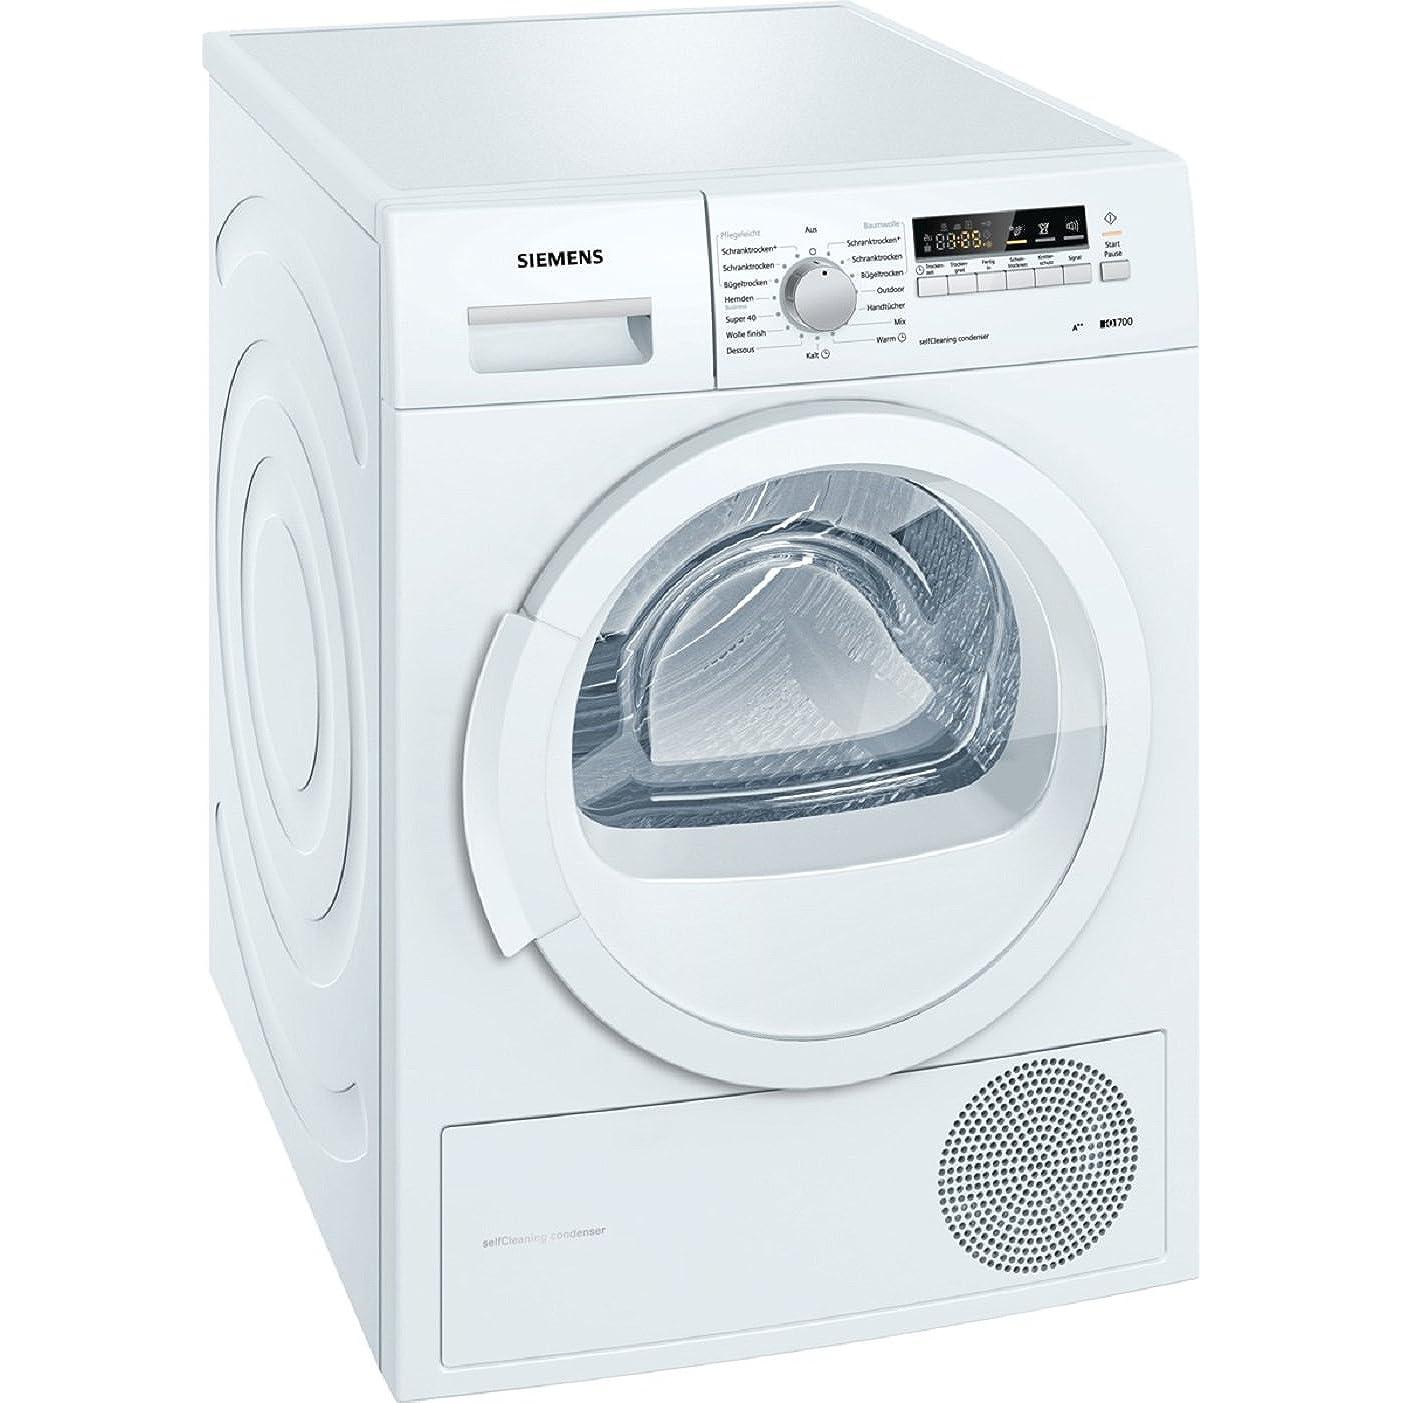 Wärmepumpentrockner (z.B. von Siemens) sind besonders energieeffizient.